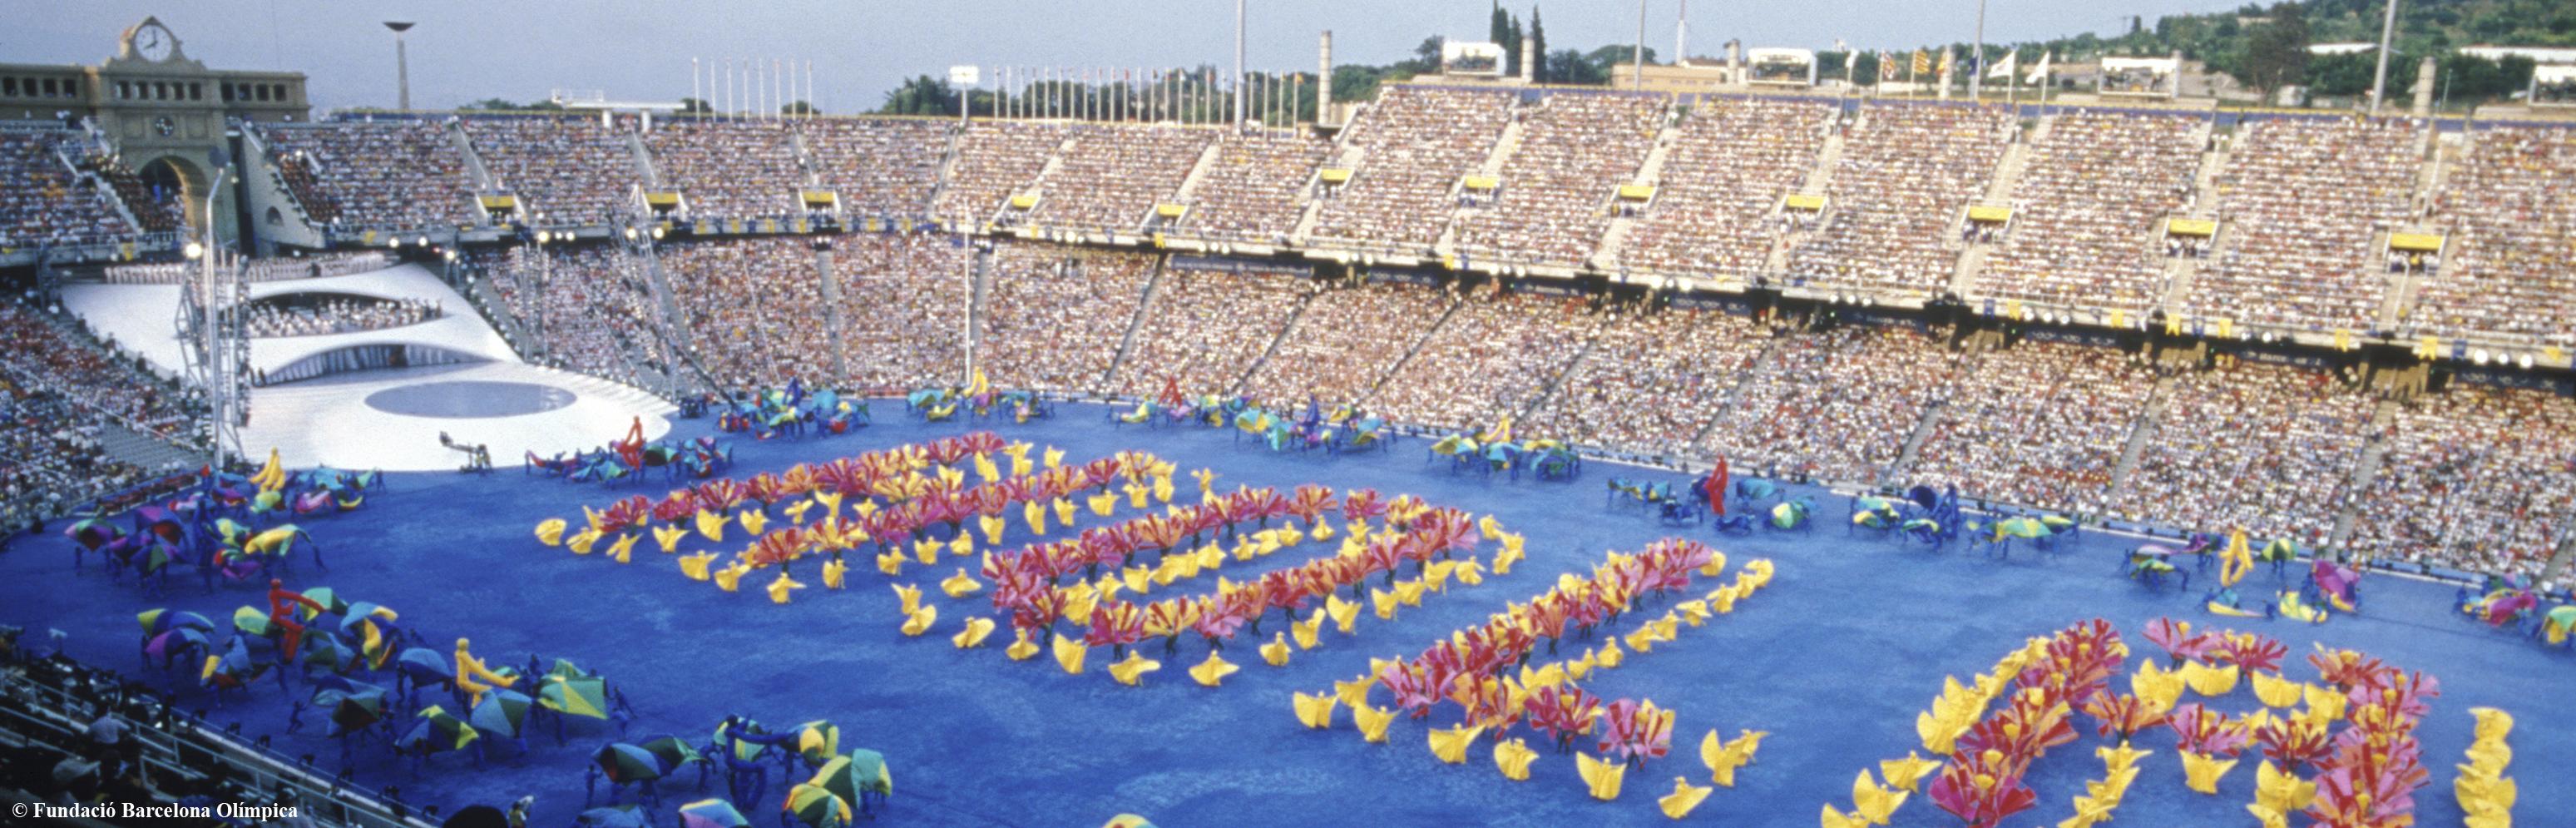 Por Que Celebramos Los 25 Anos De Barcelona 92 25º Aniversario